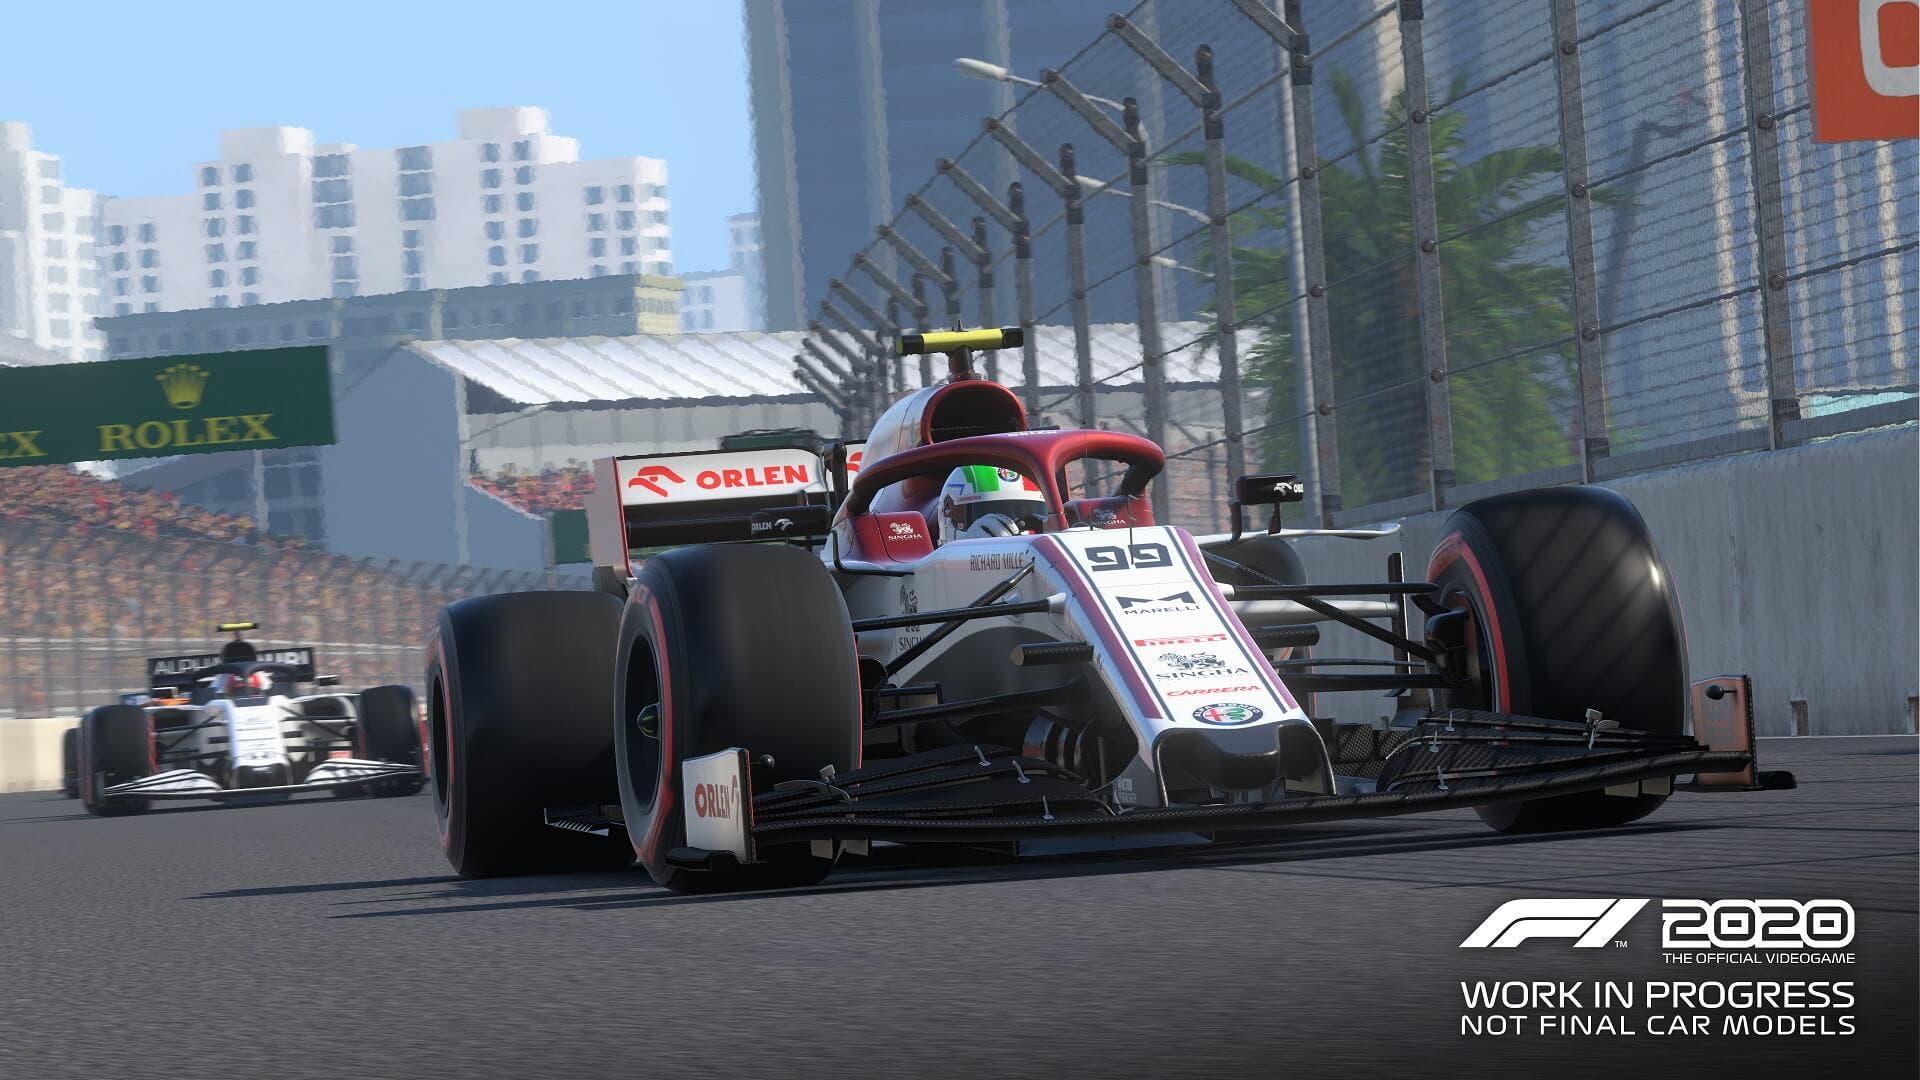 Una vuelta al circuito de Hanoi en F1 2020 con Charles Leclerc 9